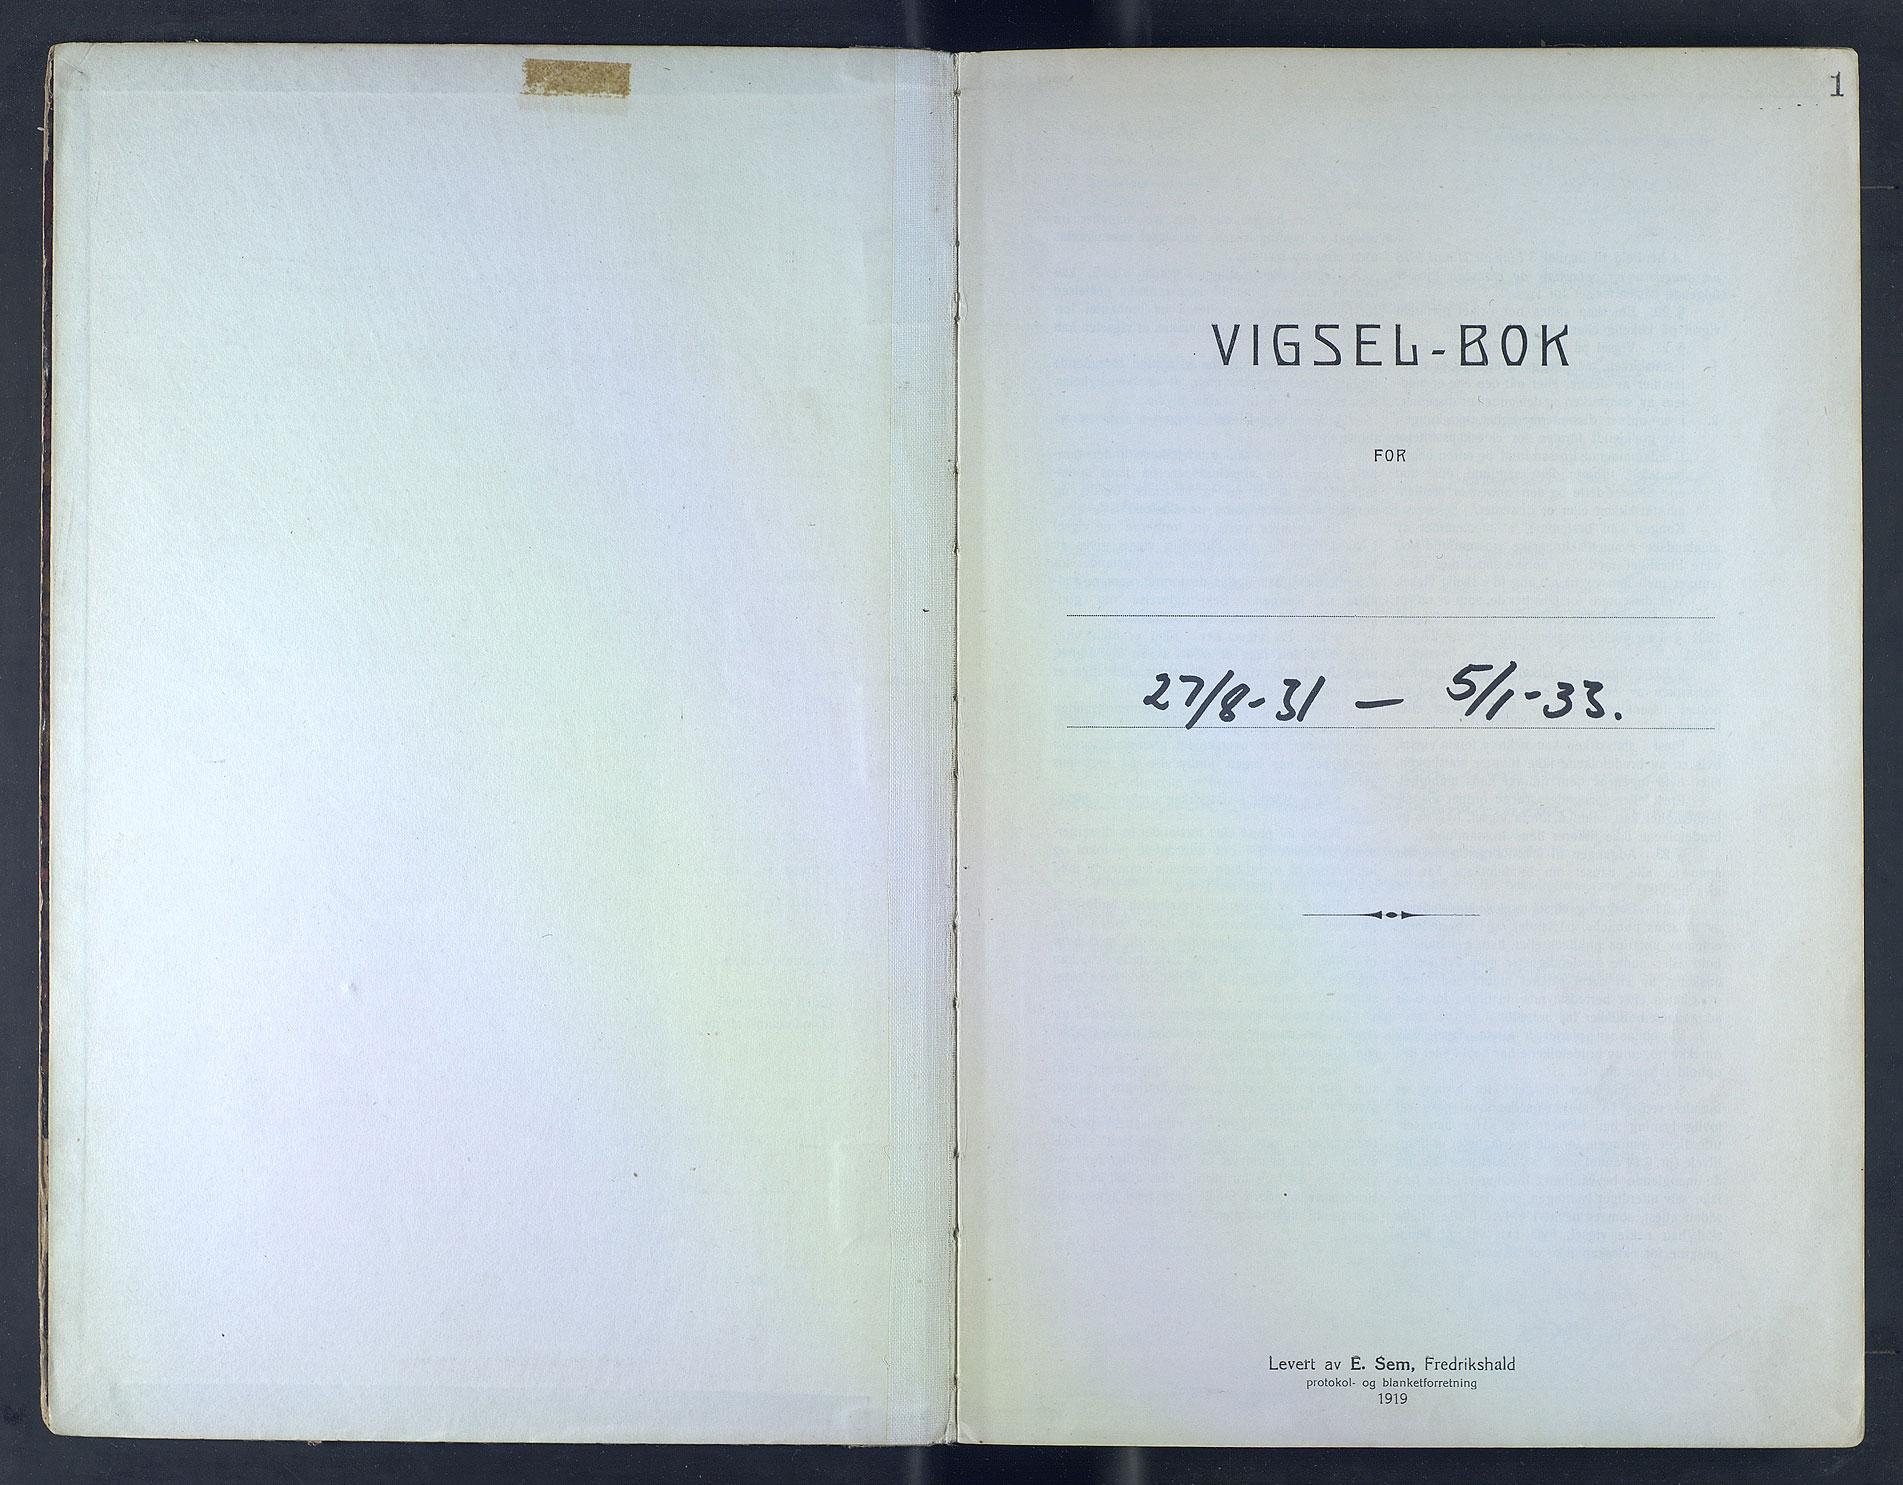 SAB, Bergen byfogd og byskriver*, 1931-1933, s. 1